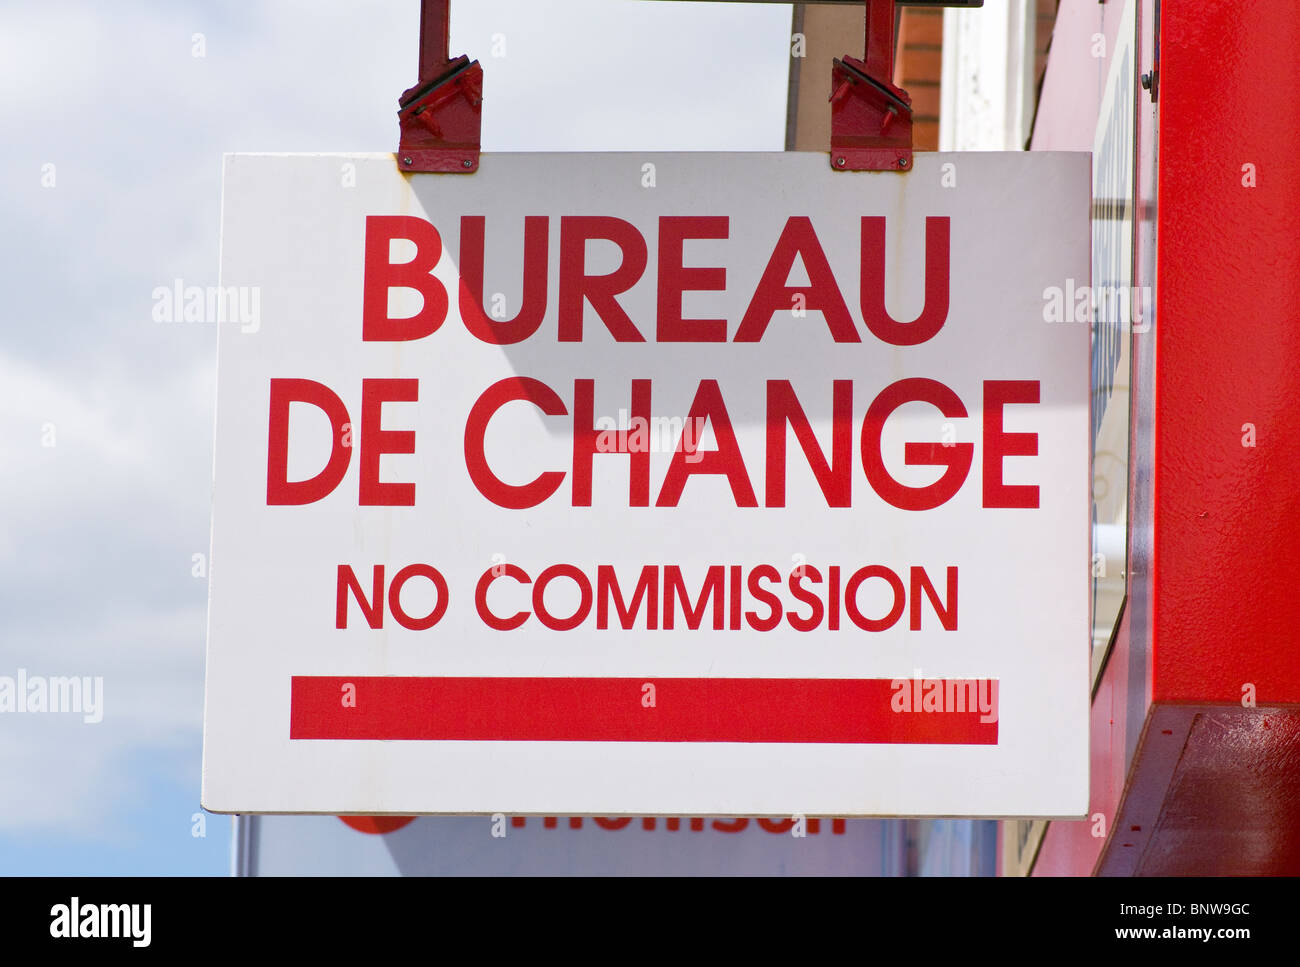 Tag Amenity Bureau De Change Openstreetmap Wiki